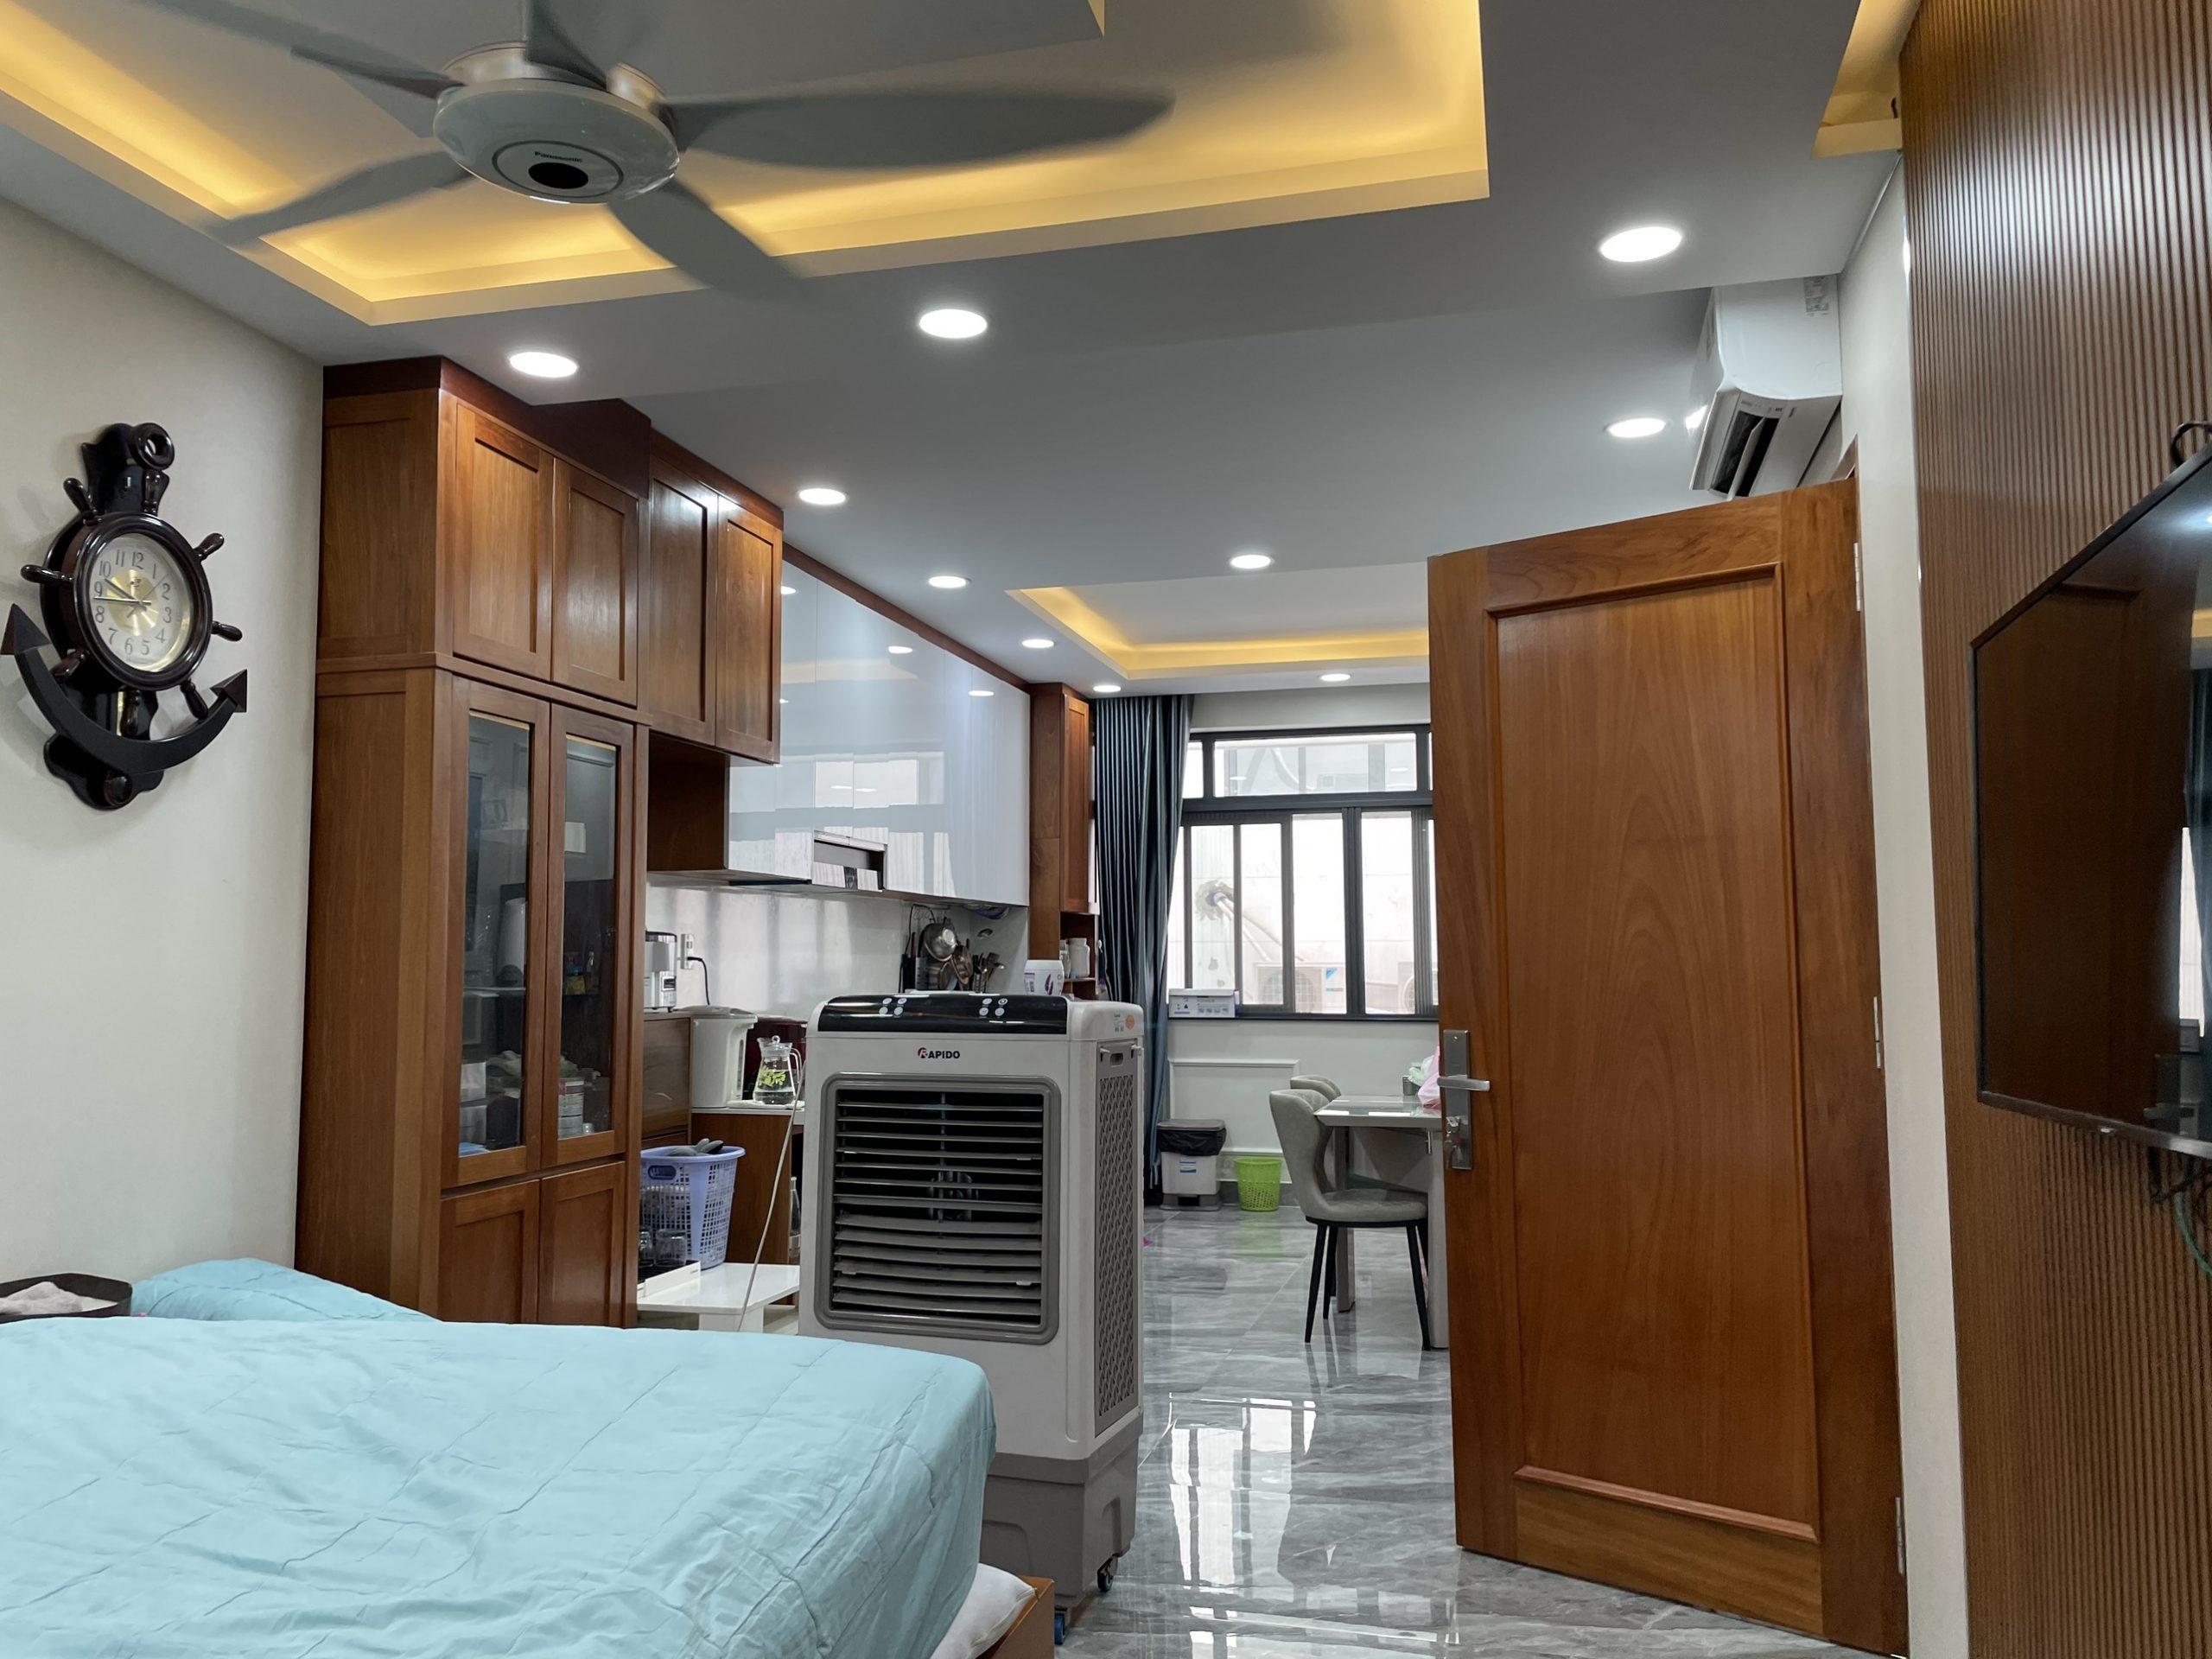 Cho thuê căn hộ 110m2 đầy đủ nội thất cao cấp  đường Nguyễn Thị Nhung